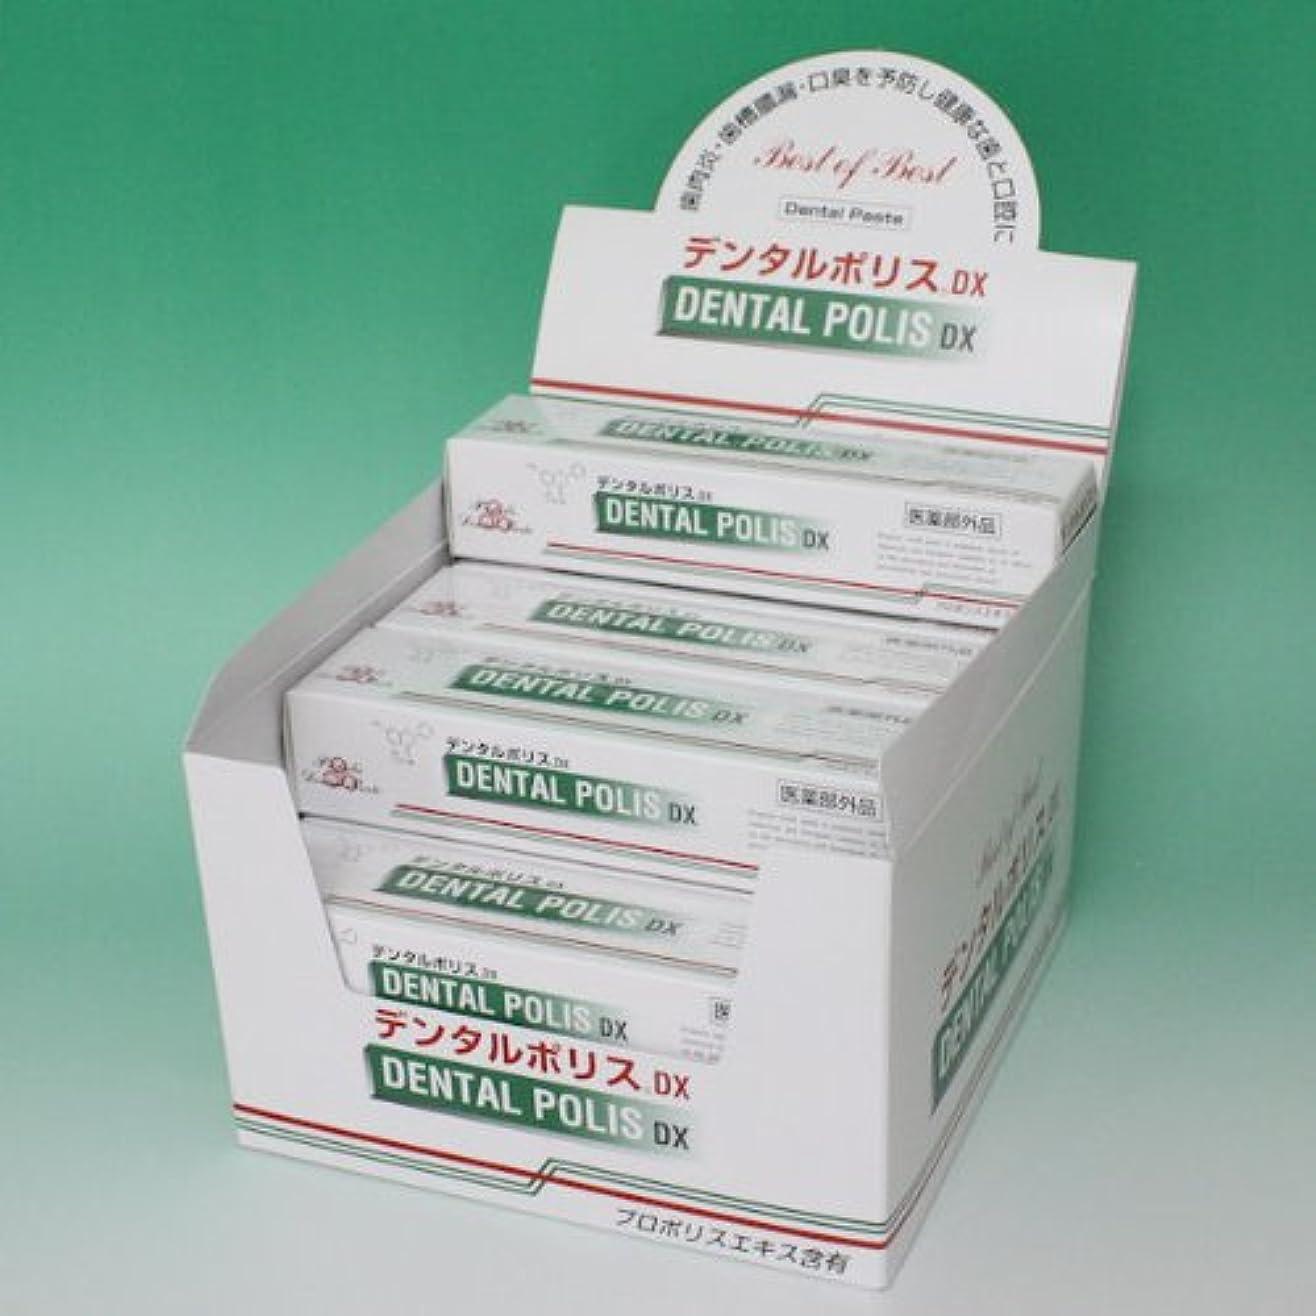 コジオスコデクリメントプログラムデンタルポリスDX 80g  12本セット 医薬部外品  歯みがき 8gサンプル2本 進呈!